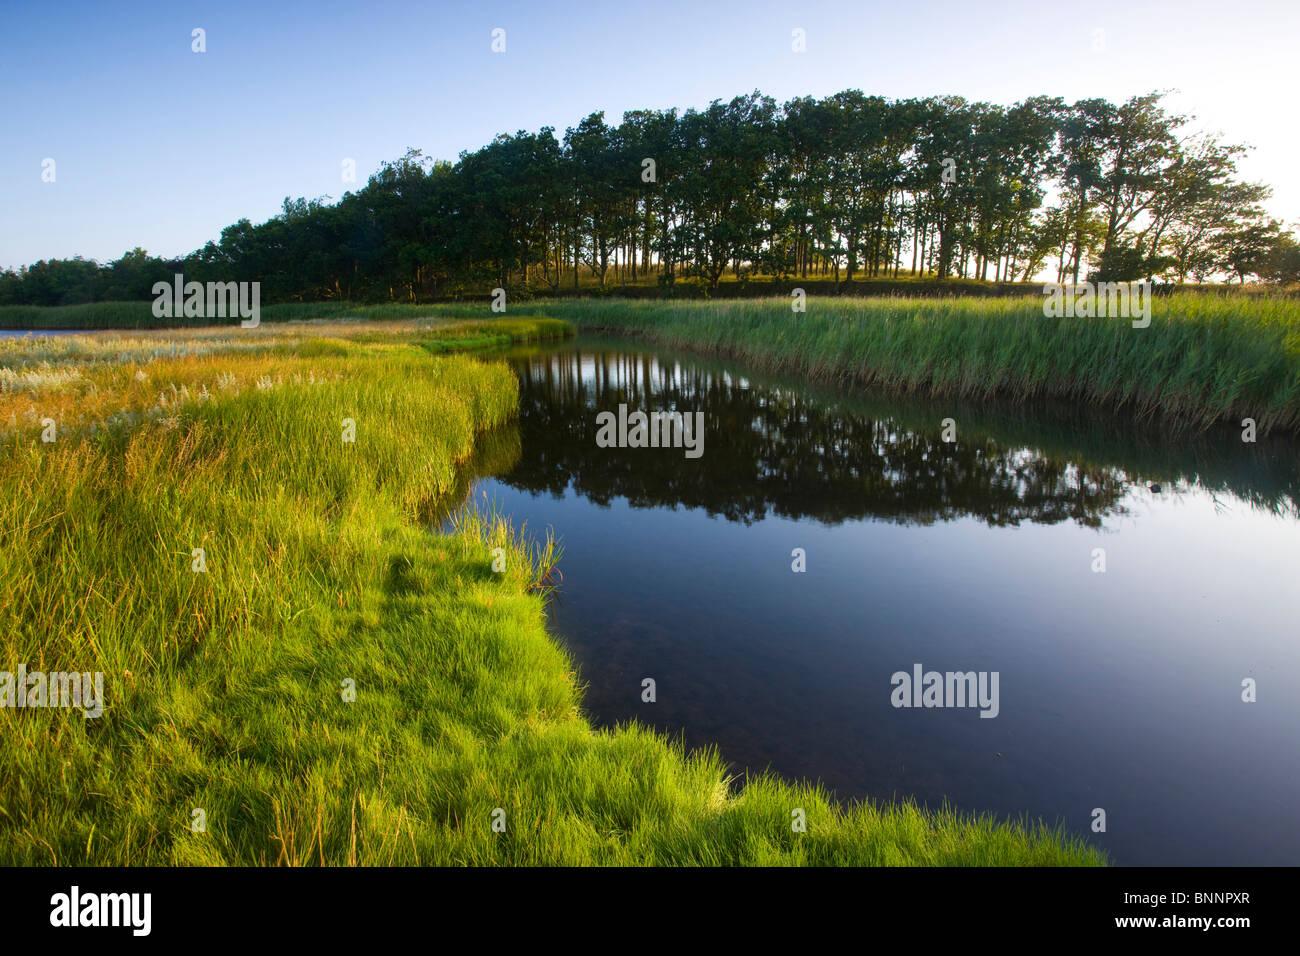 Urehoved Denmark island isle Aero coast wood forest marsh scenery lake sea reflection - Stock Image